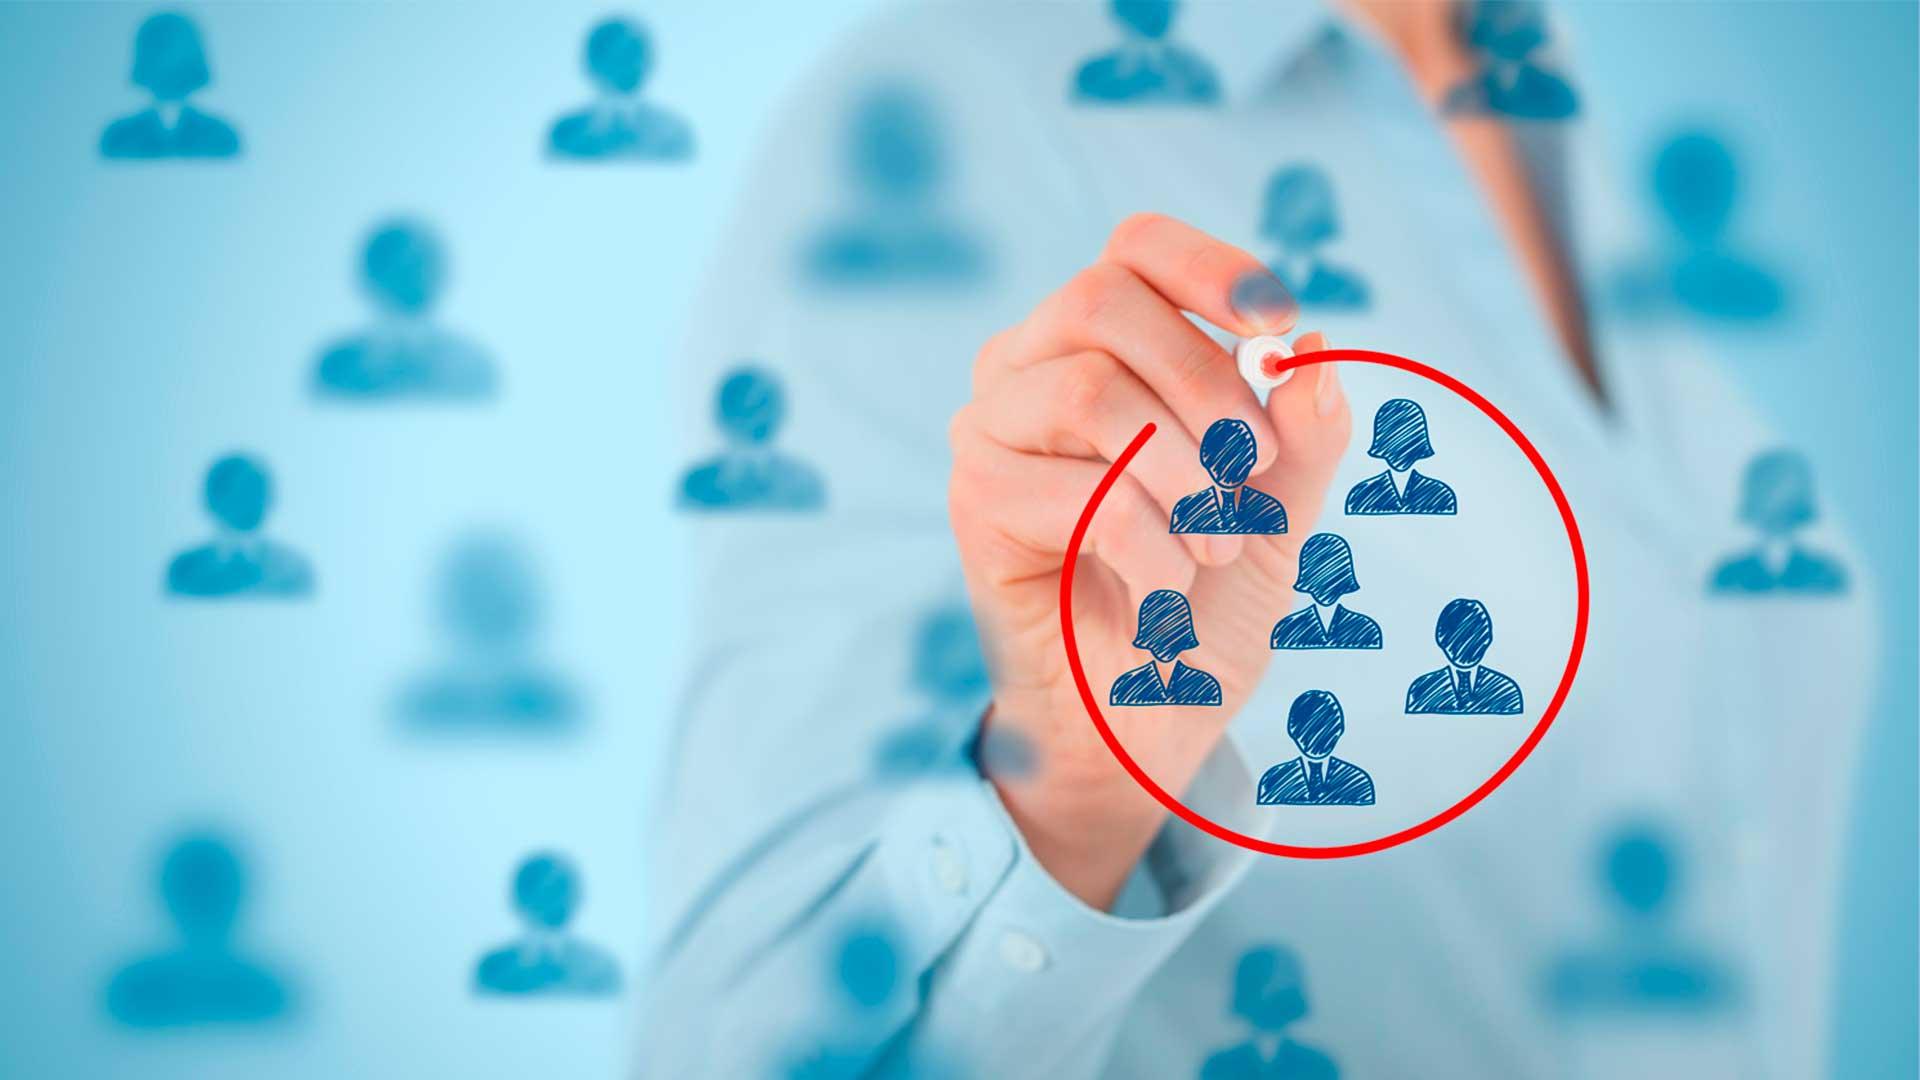 Agencia Sidecar agencia-sidecar-blog-publico-objetivo-1 Adapta la estrategia de marketing a tu cliente ¡Conócelo!